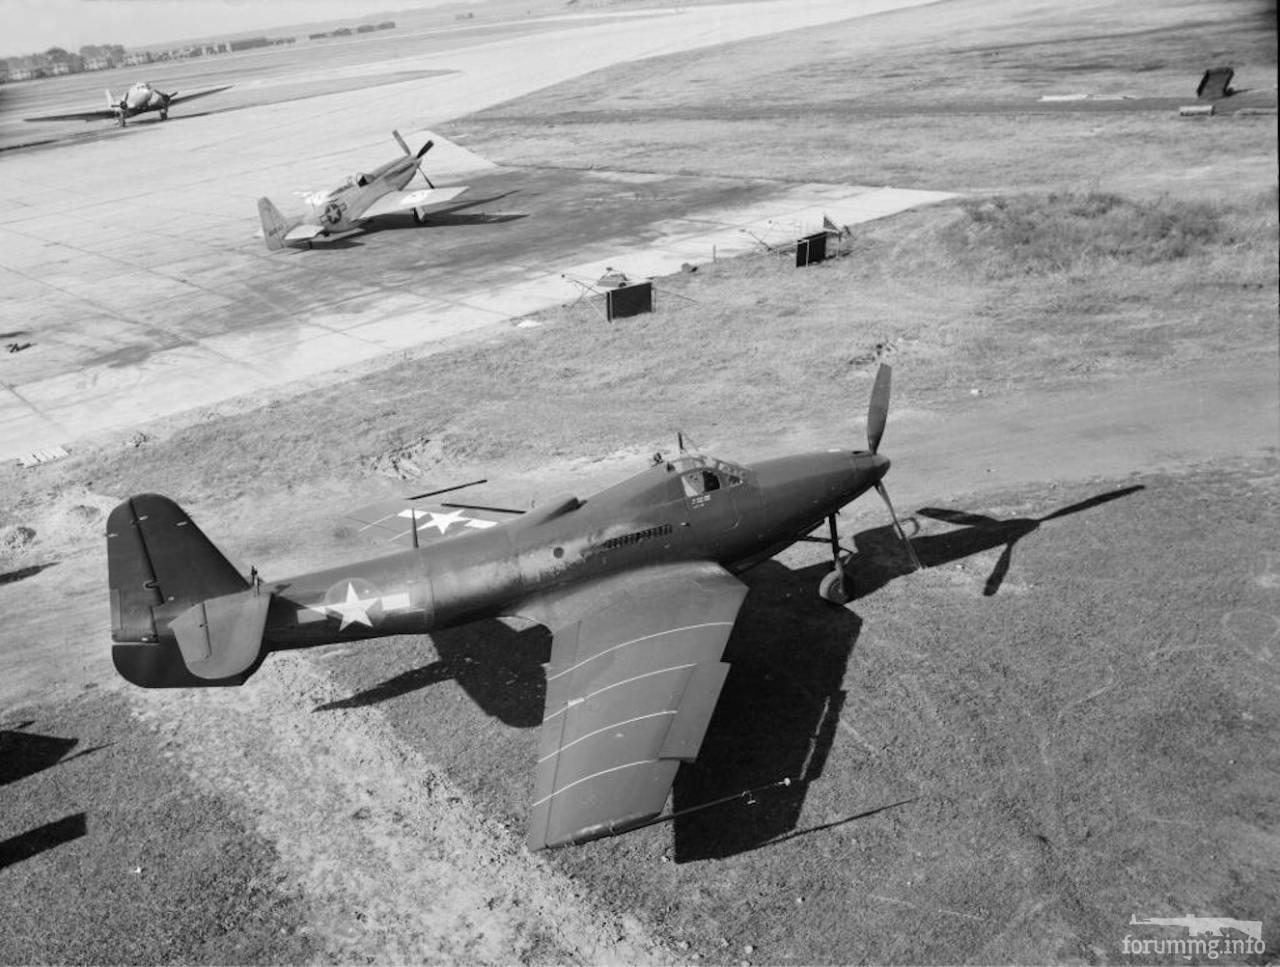 140116 - Красивые фото и видео боевых самолетов и вертолетов